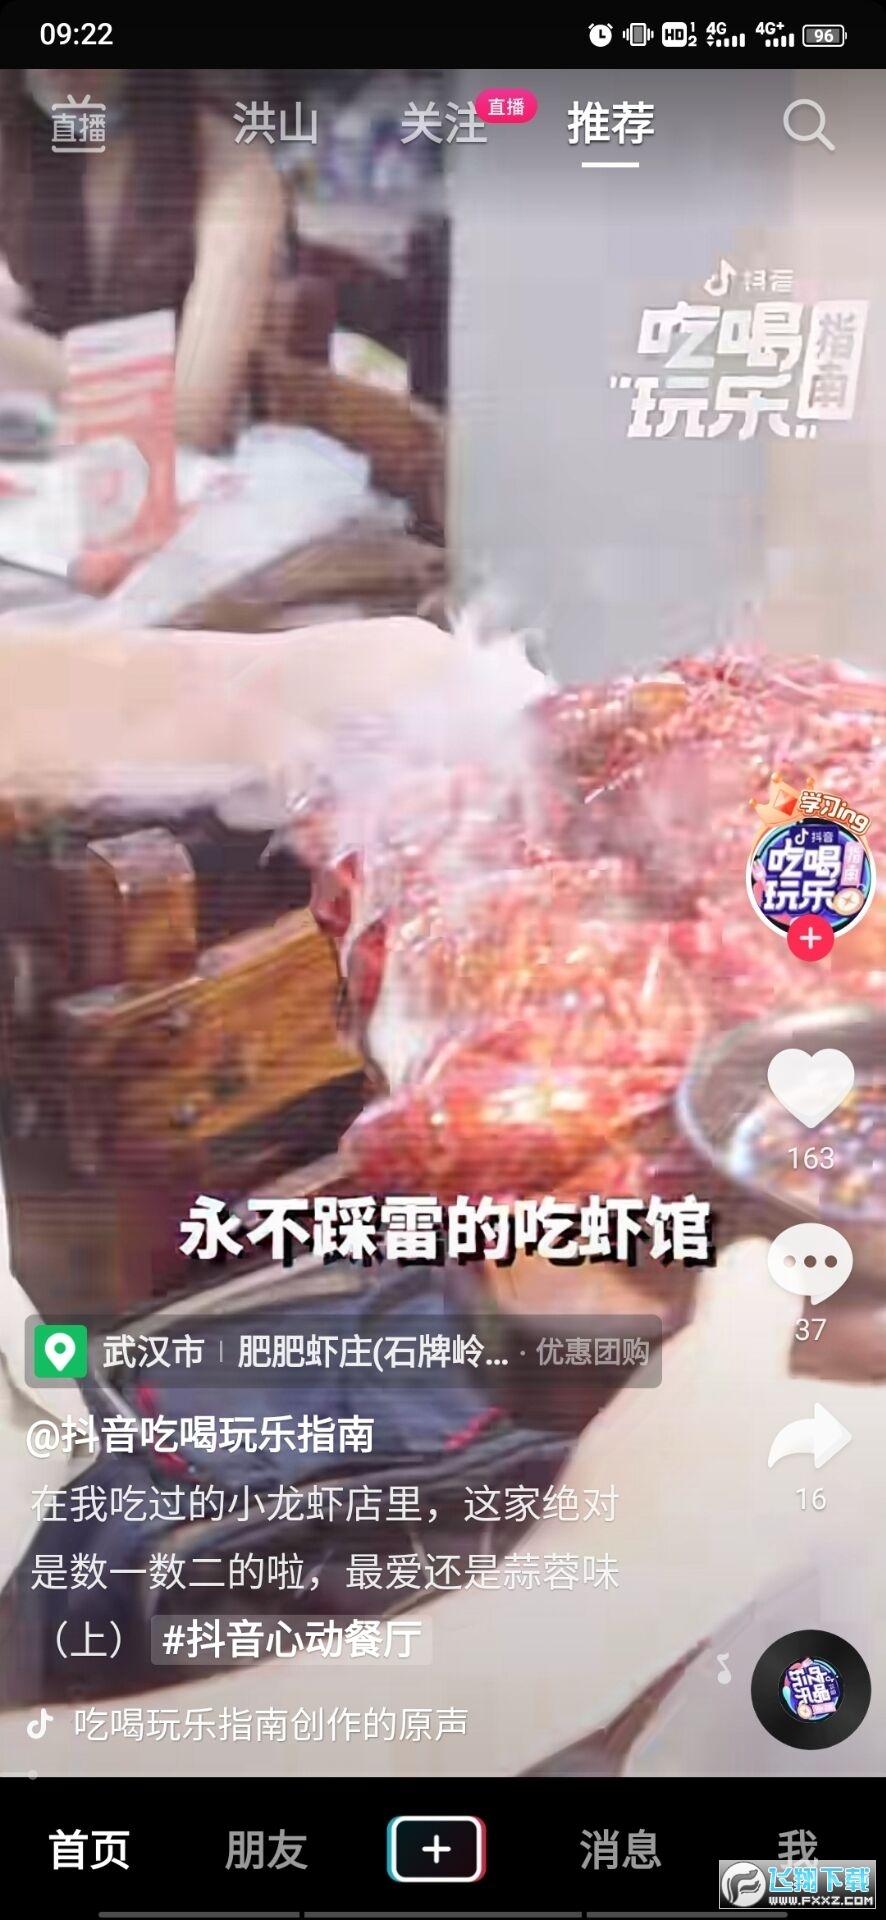 抖音短视频app安卓版17.5.020212021最新菠菜论坛菠菜论坛版截图1